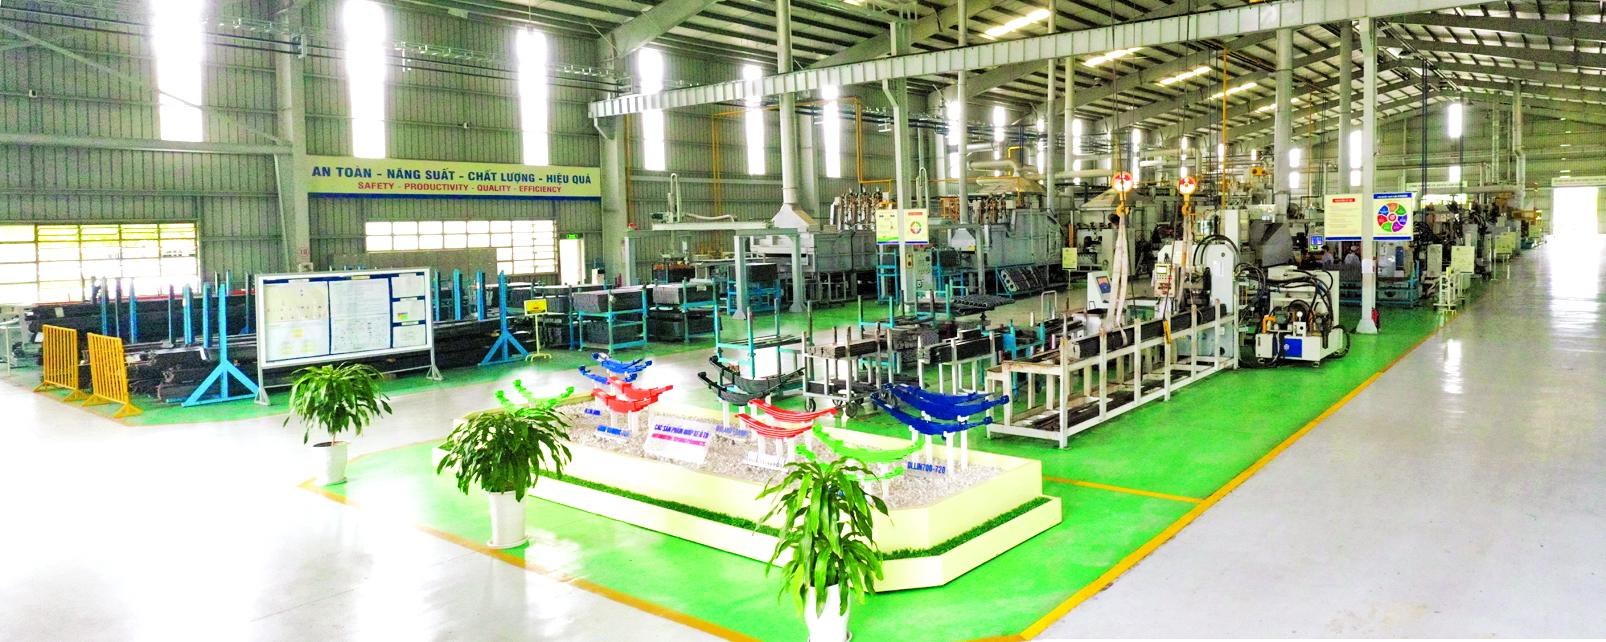 Dây chuyền sản xuất tại nhà máy nhíp